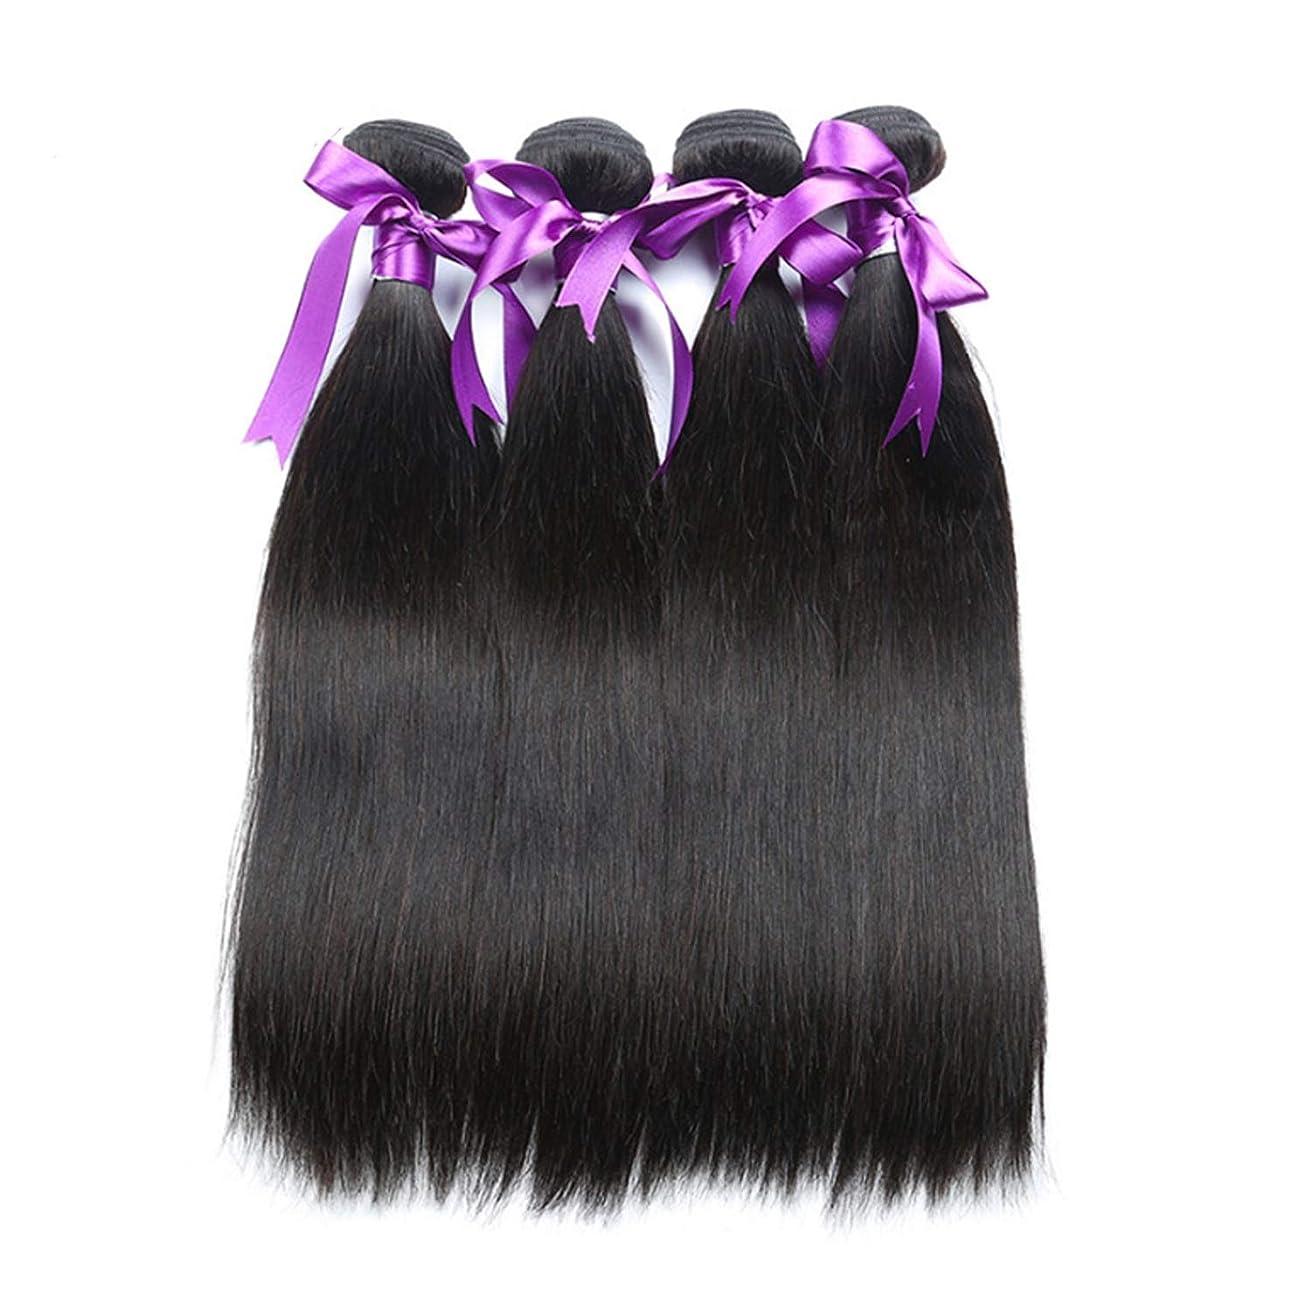 サポート精神医学下向きマレーシアのストレートヘア4本の人間の髪の束非レミーの毛の延長天然黒体毛髪のかつら かつら (Length : 8 8 8 8)